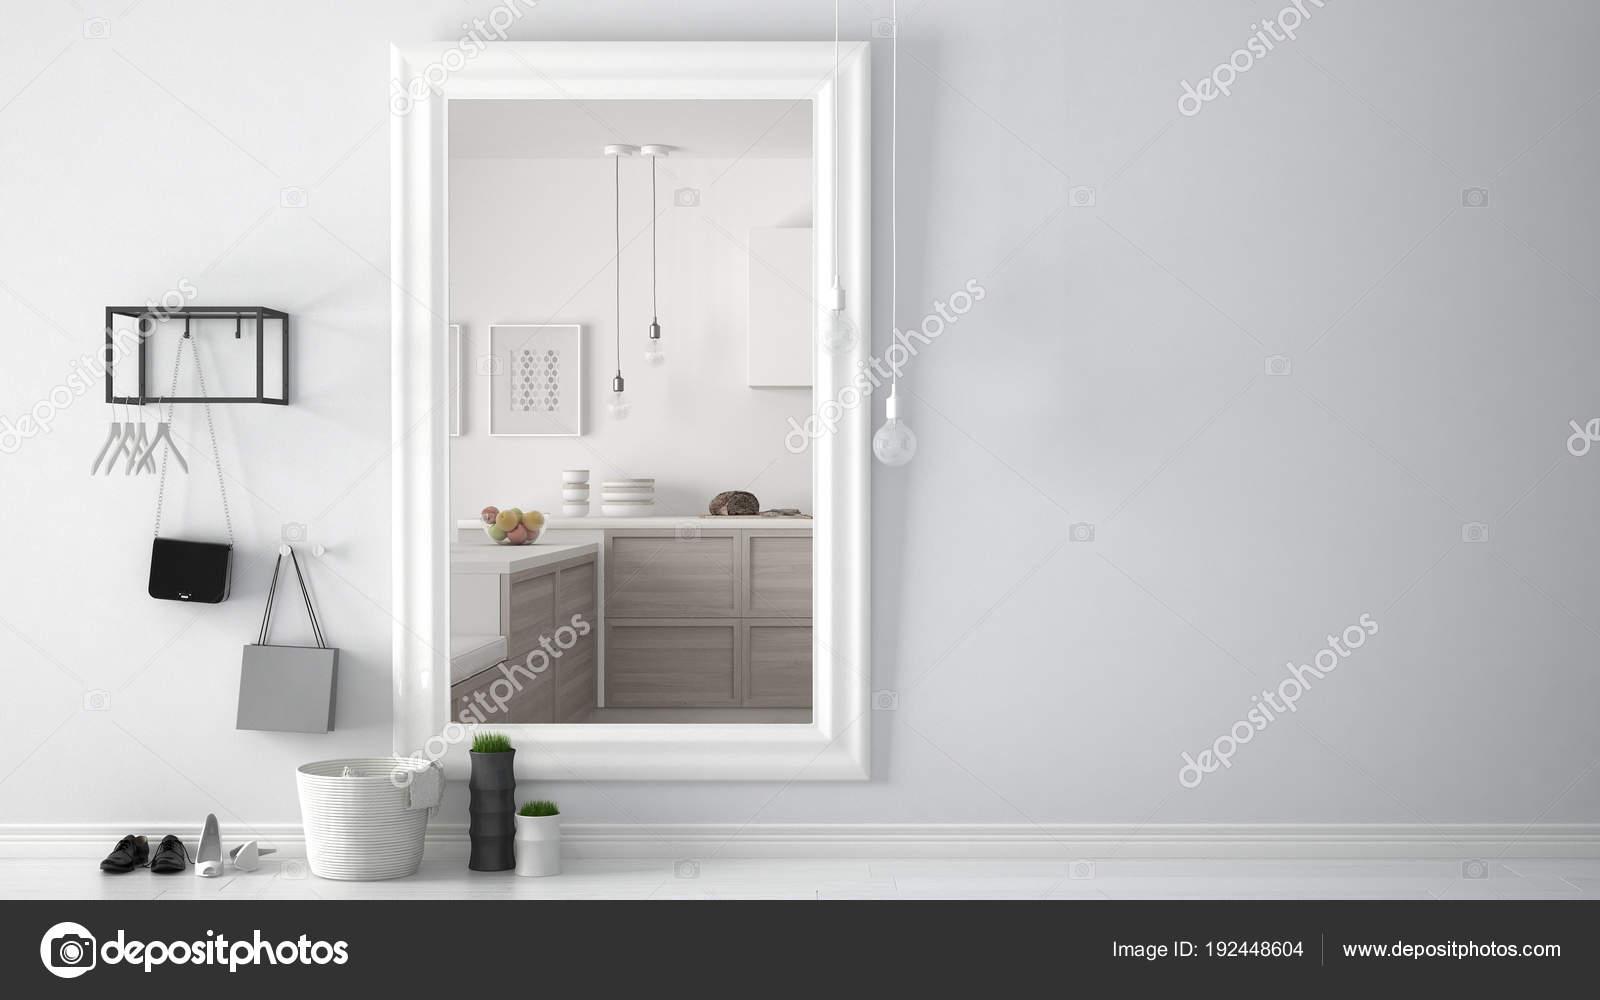 Skandinavische lobby eingangshalle mit spiegel helle küche mit